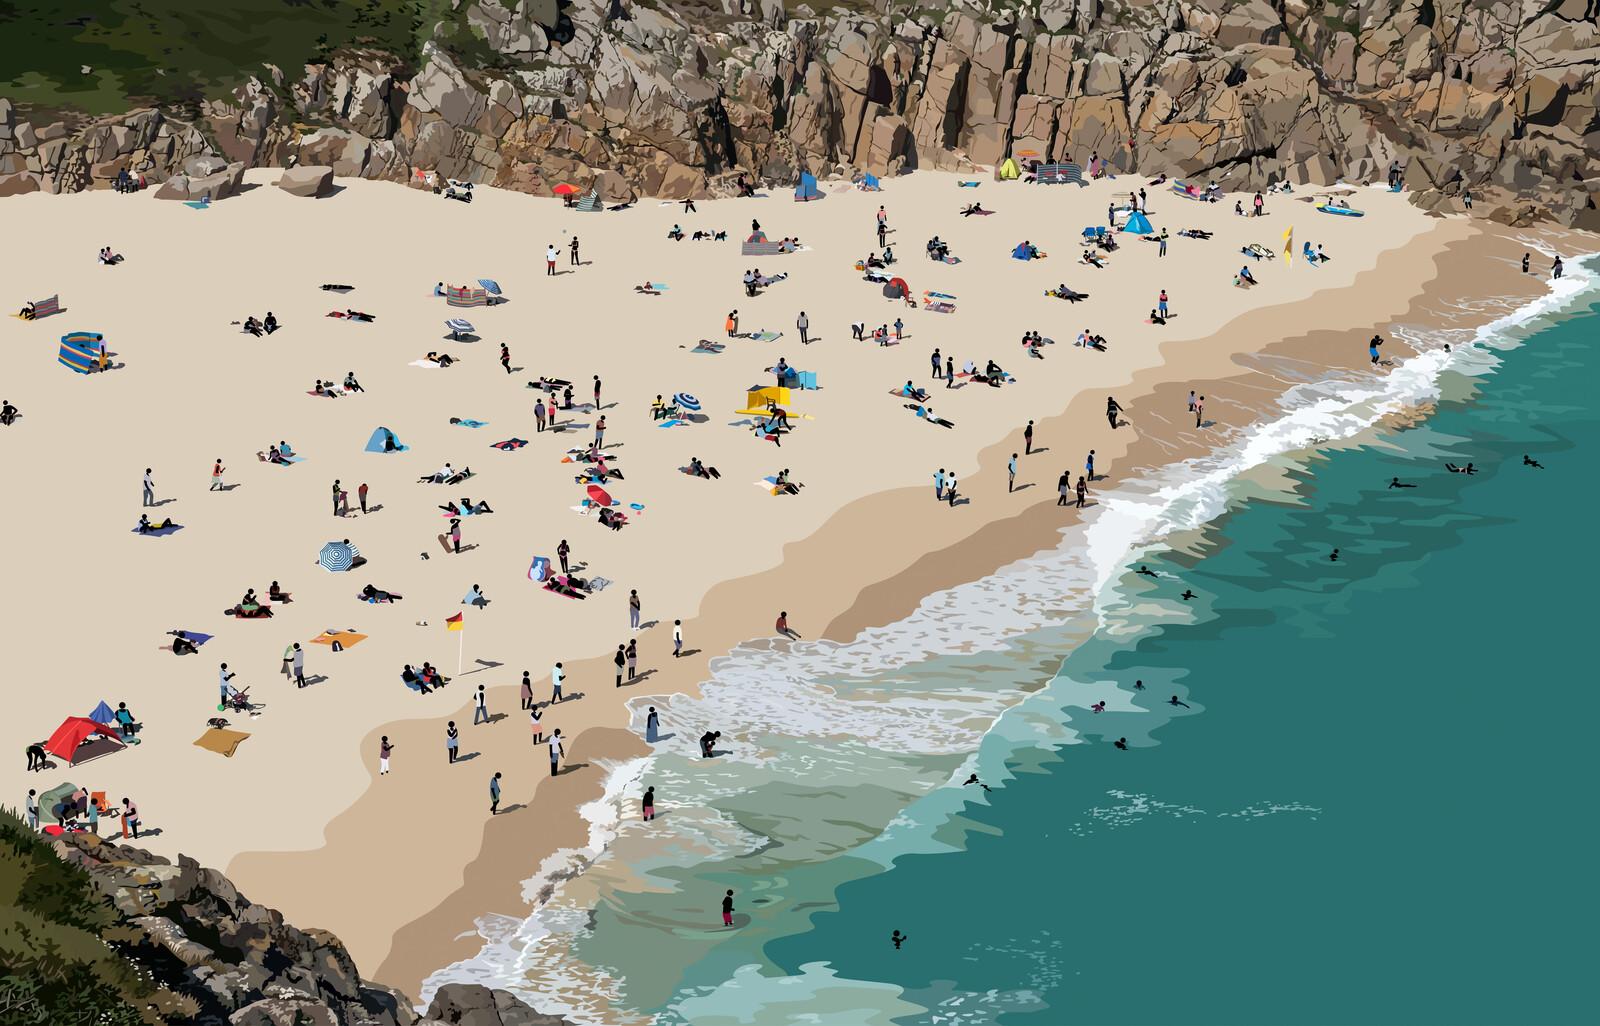 Beach Scene I - Patrick Tschudi